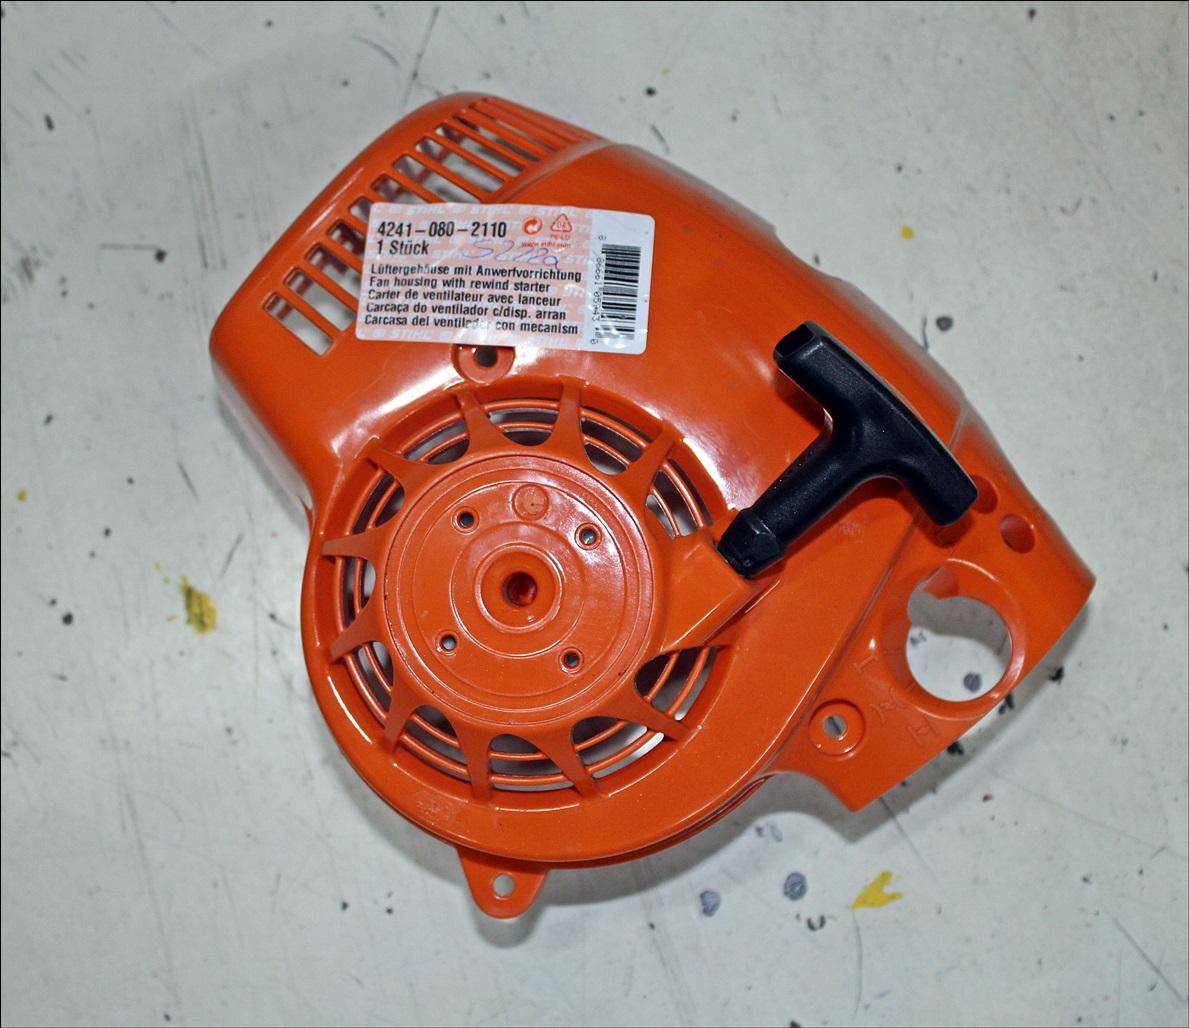 Stihl 42410802110 Lüftergehäusem.Anwerfvorrichtung